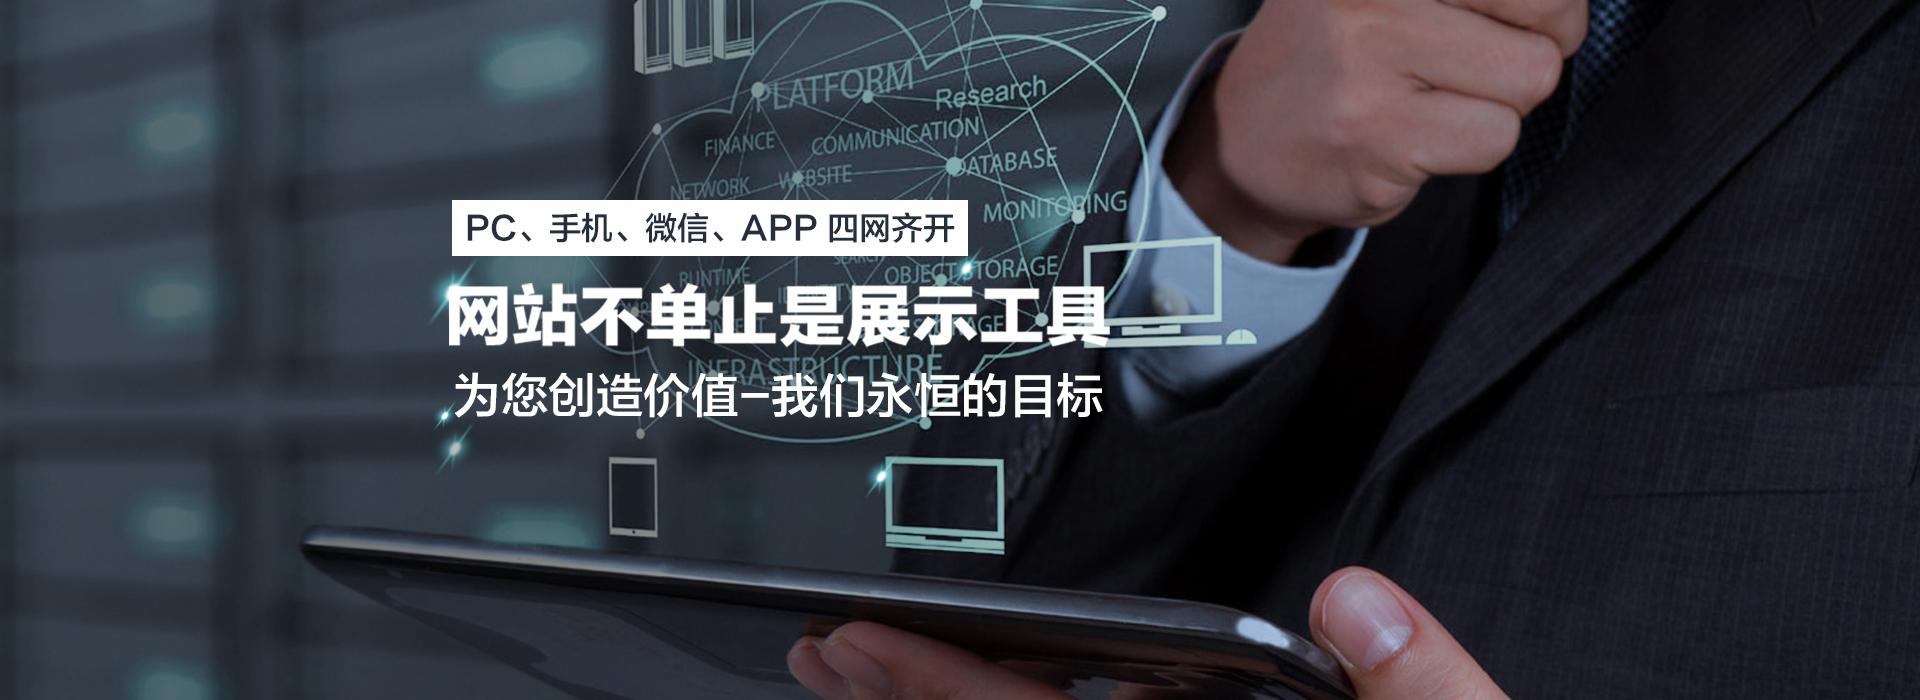 深圳做网站的公司是怎样提升网站页面的运行速度?